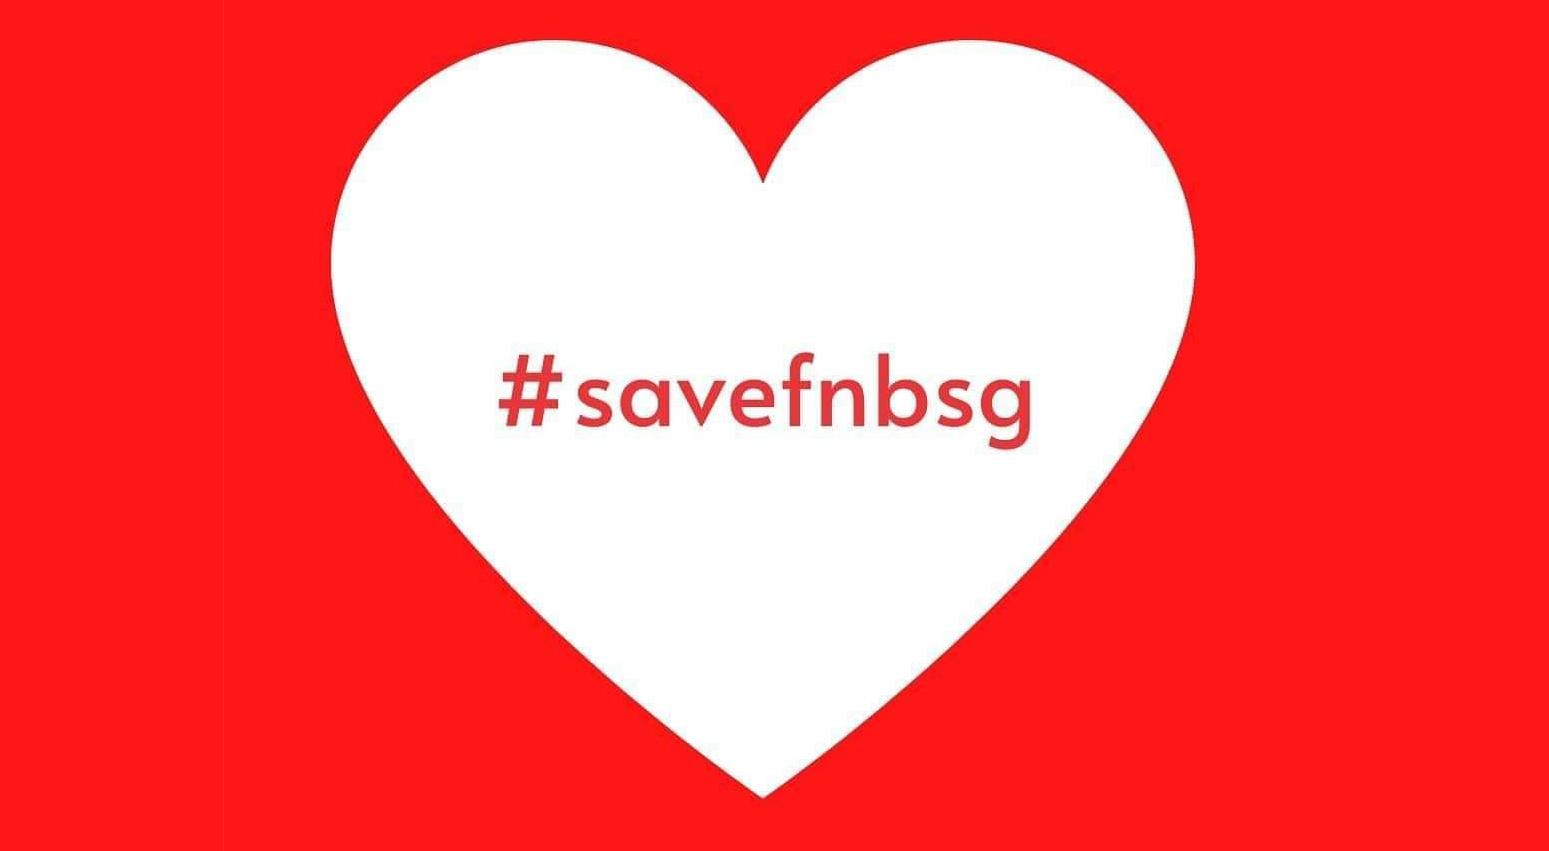 #savefnbsg